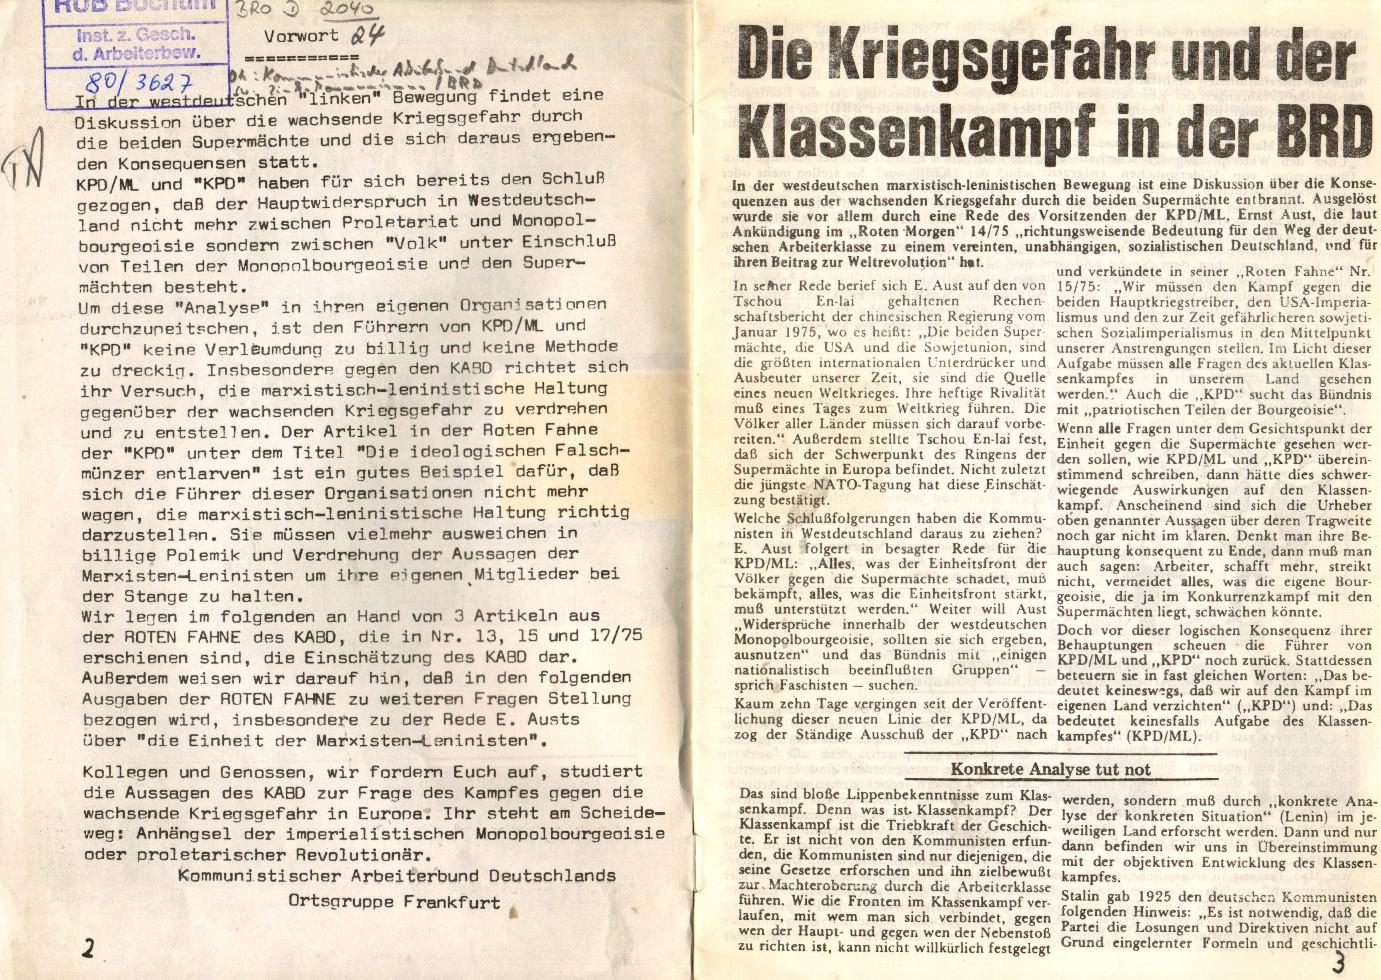 Frankfurt_KABD_1975_Kriegsgefahr_und_Klassenkampf_02